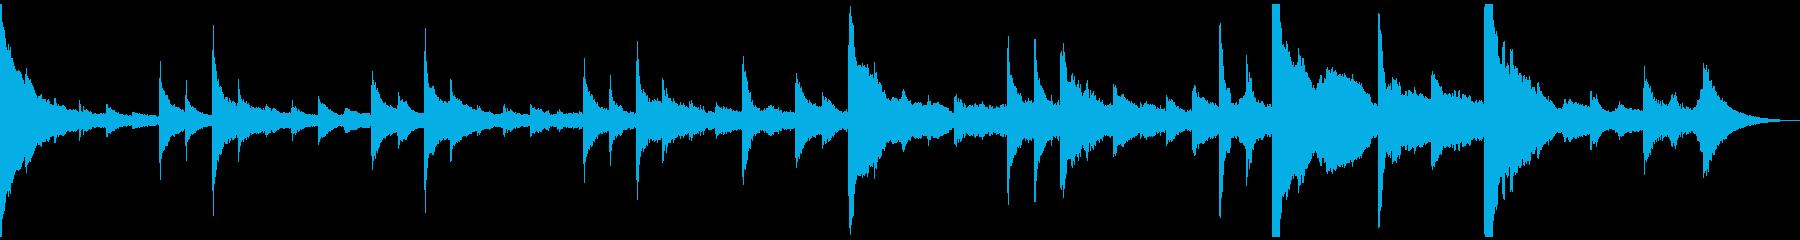 新世紀交響楽団 新世紀室内楽 ロマ...の再生済みの波形